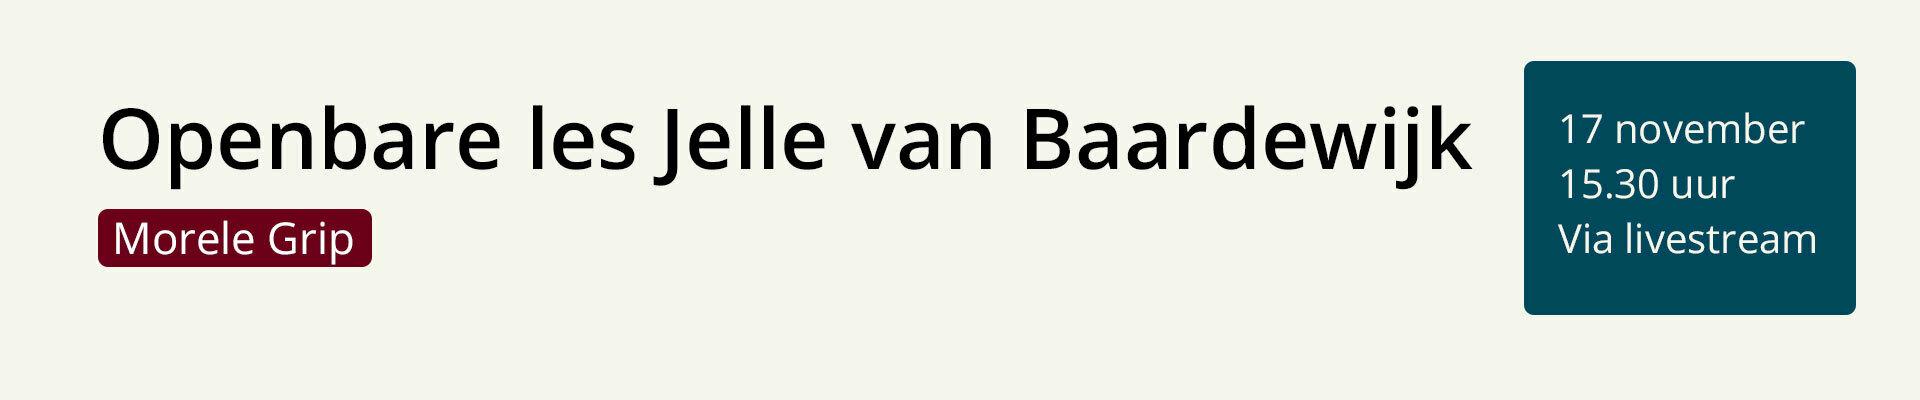 Openbare les Jelle van Baardewijk